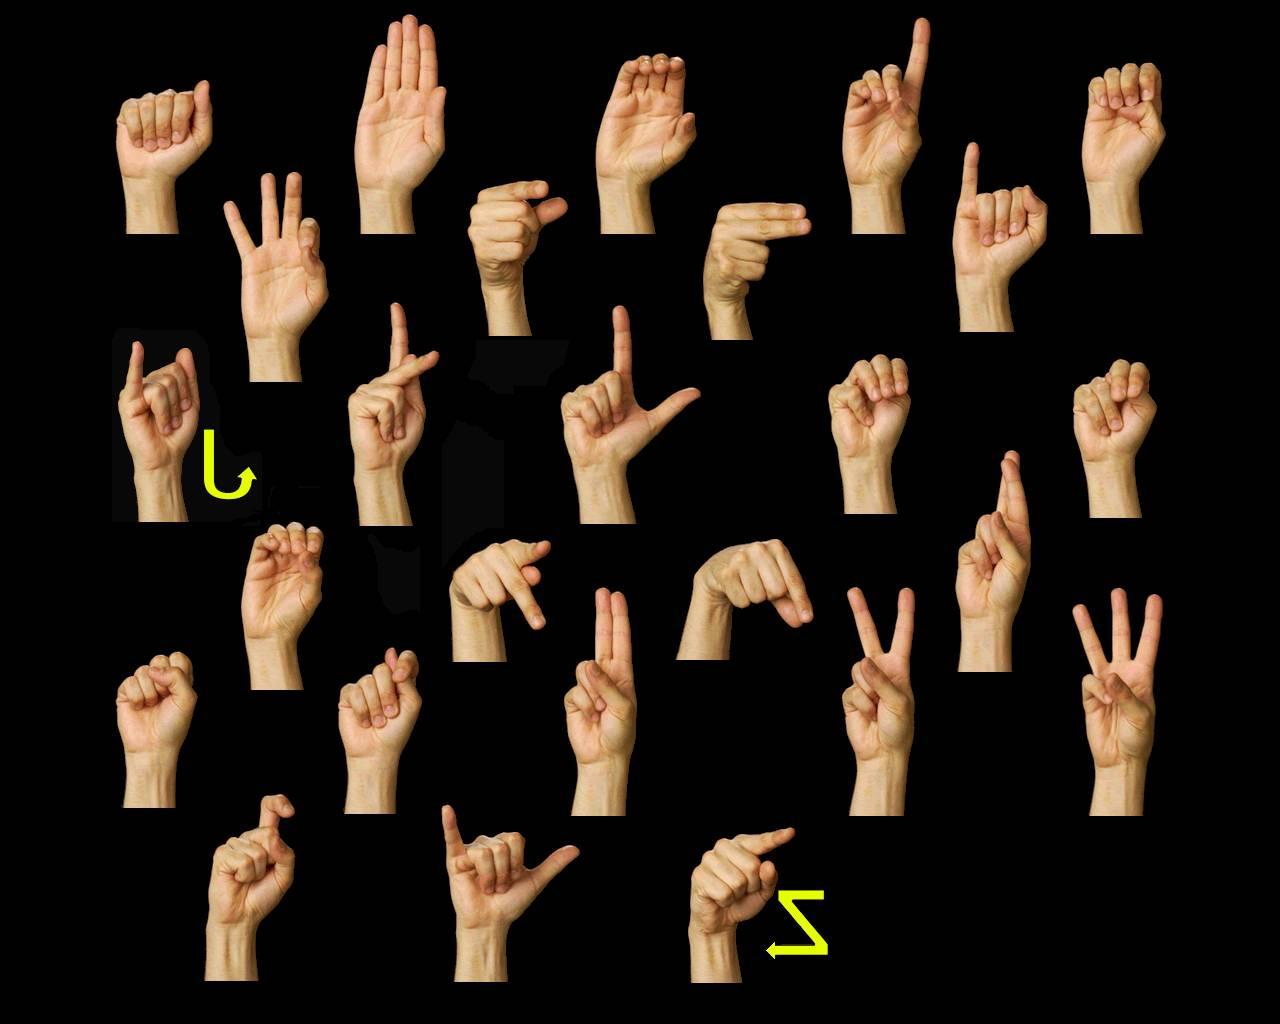 также легкой, изобразить поздравление жестами этого появляются